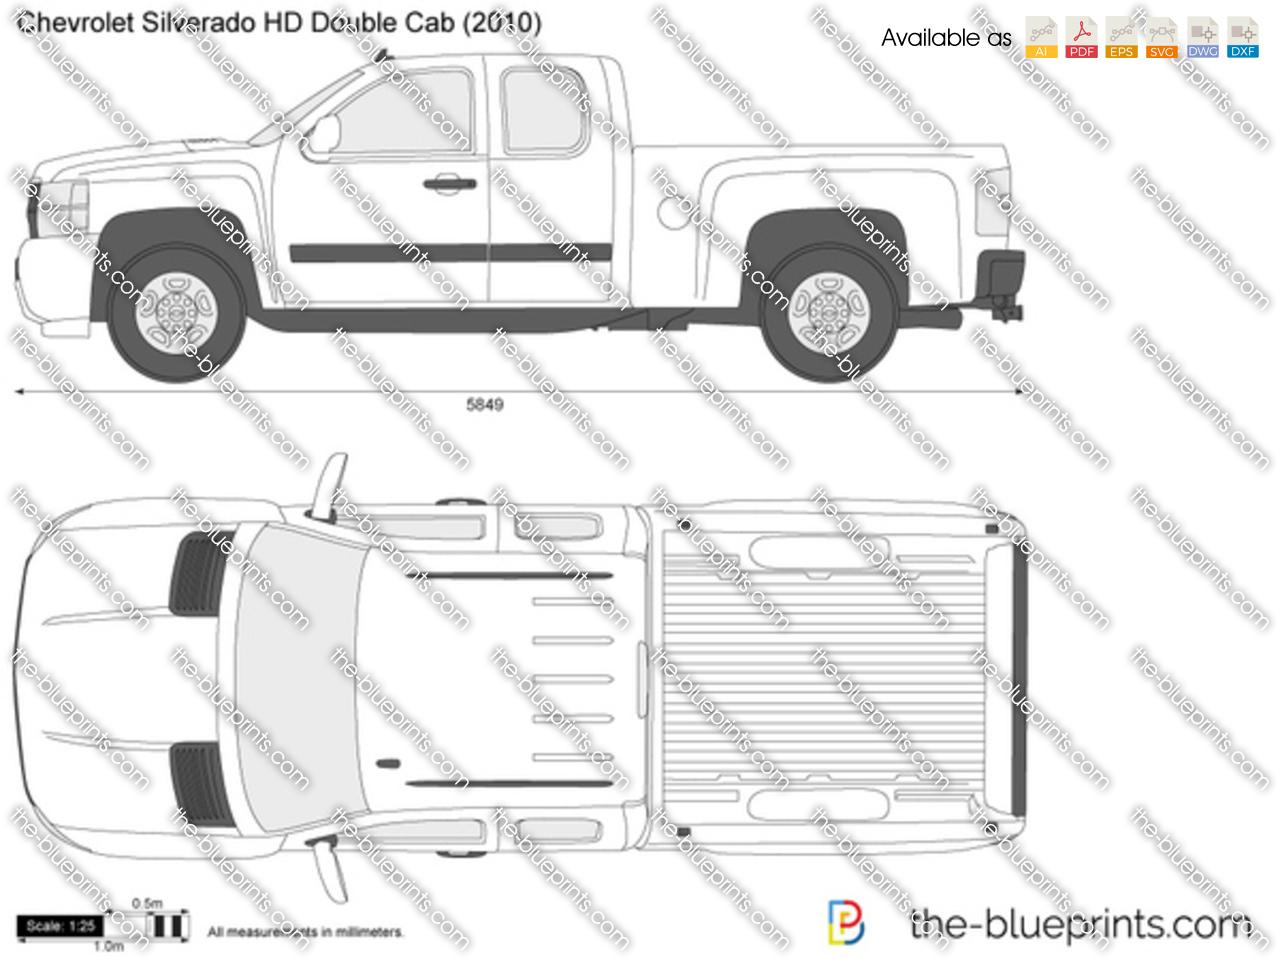 Chevrolet Silverado Hd Double Cab Vector Drawing